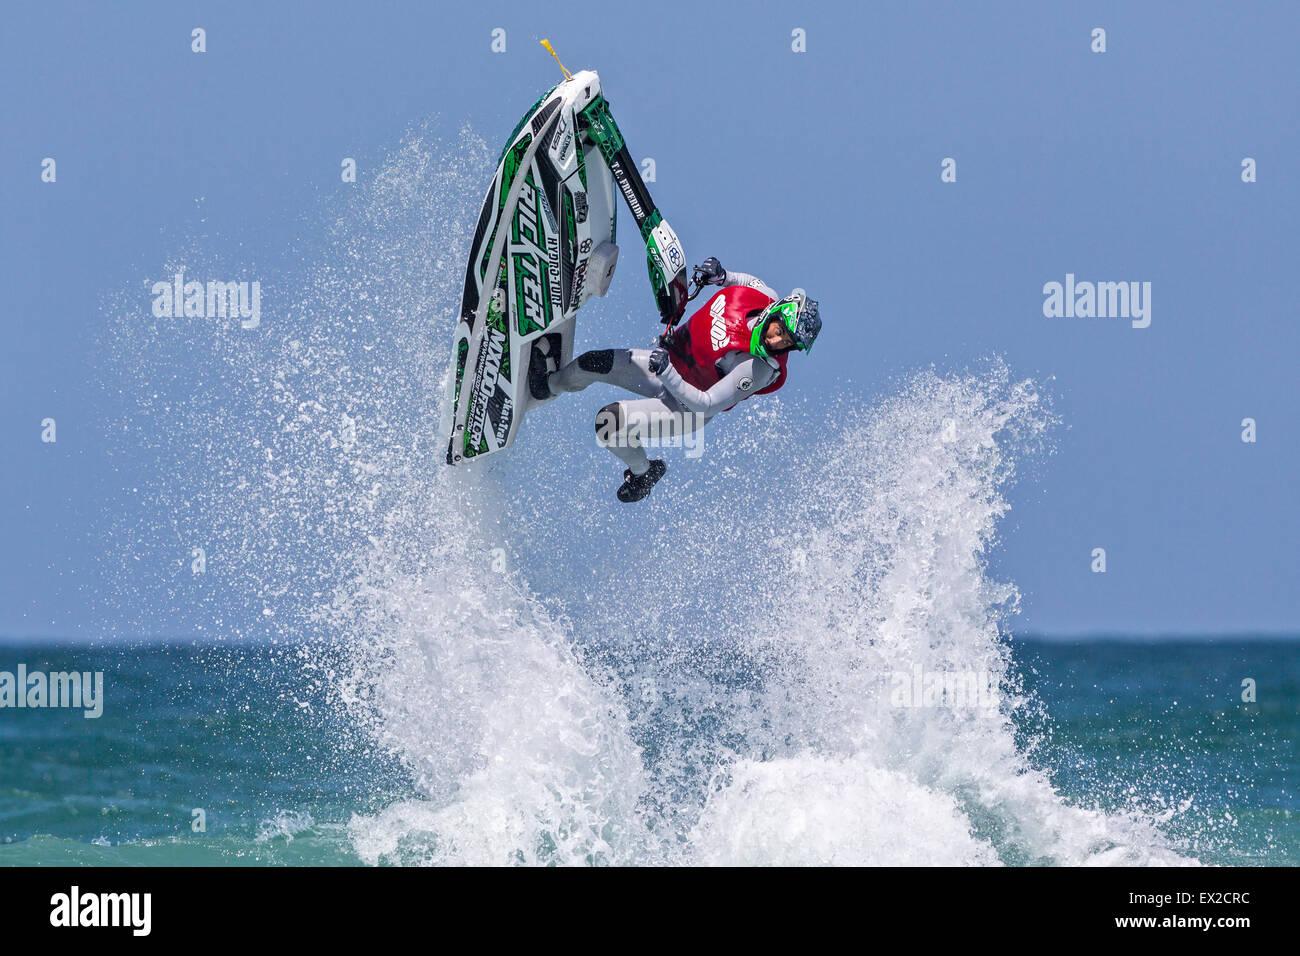 Rider concorrenti a IFWA World Tour Jet Ski Championship 2015, Fistral Beach, Cornwall, Regno Unito Immagini Stock